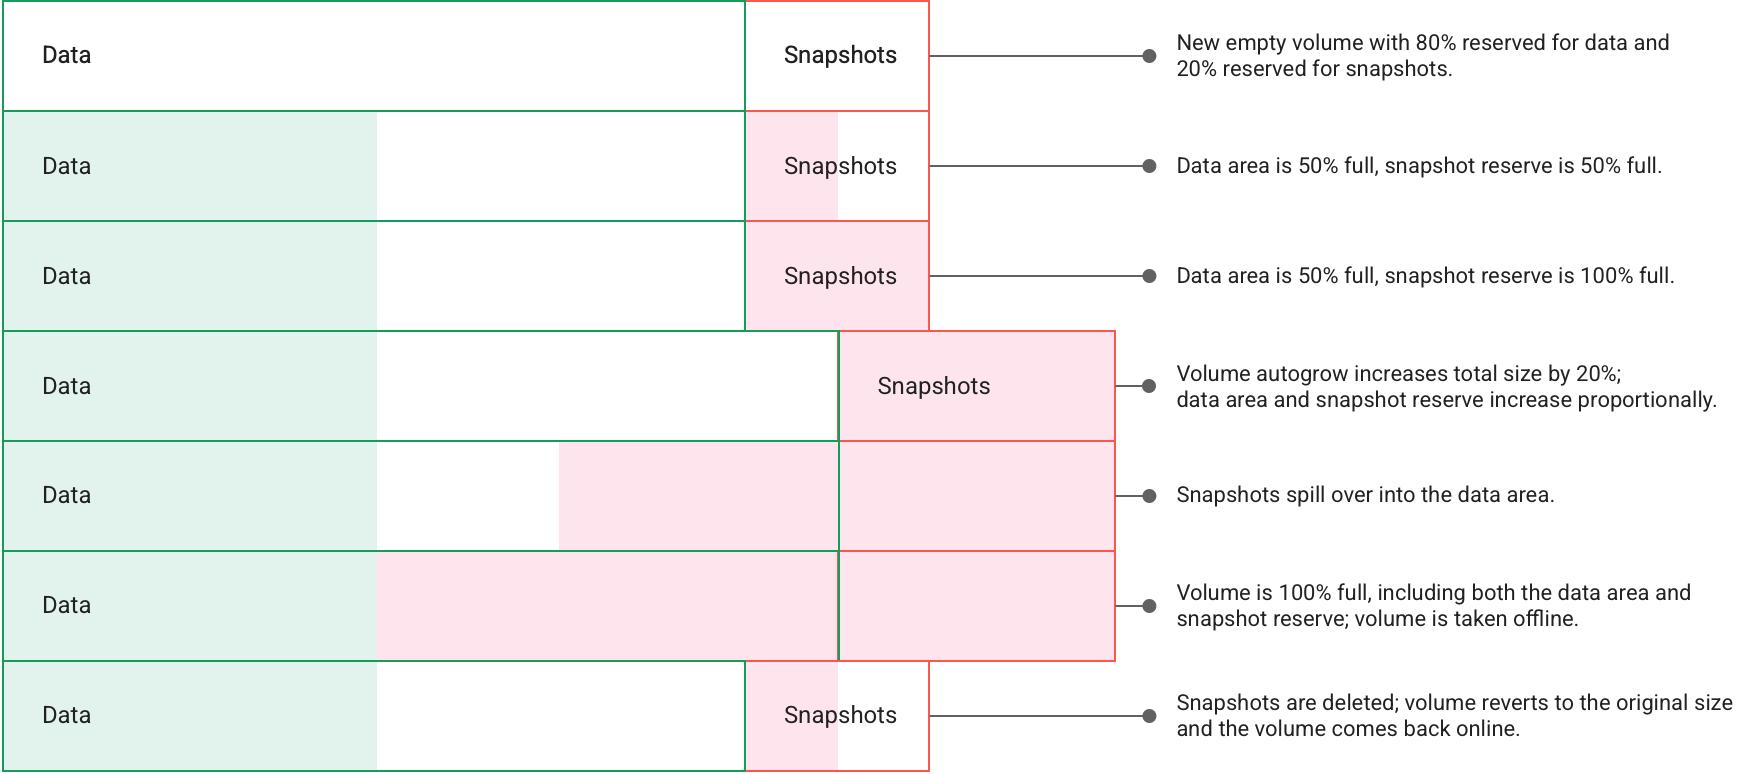 Representação visual de como snapshots preenchem um volume de armazenamento e precisam ser excluídos para permitir novos snapshots